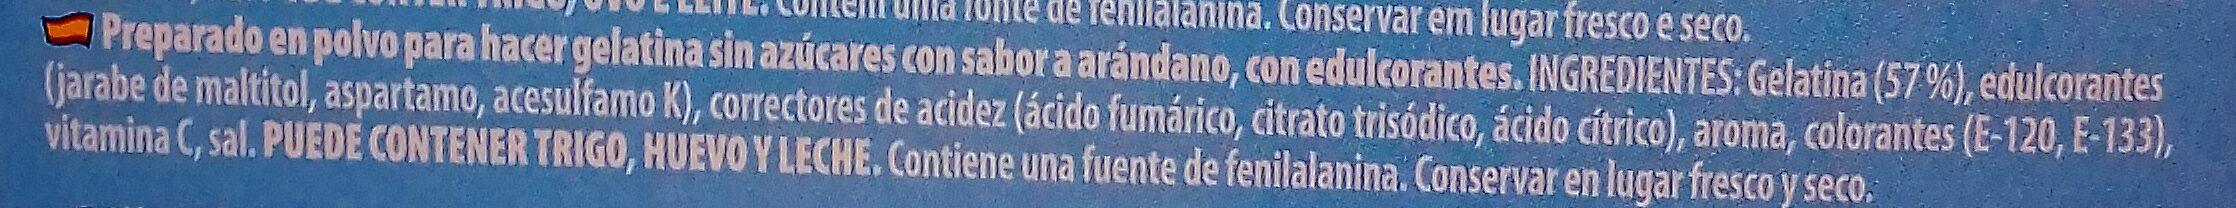 Gelatina sabor Arándano - Ingredients - es